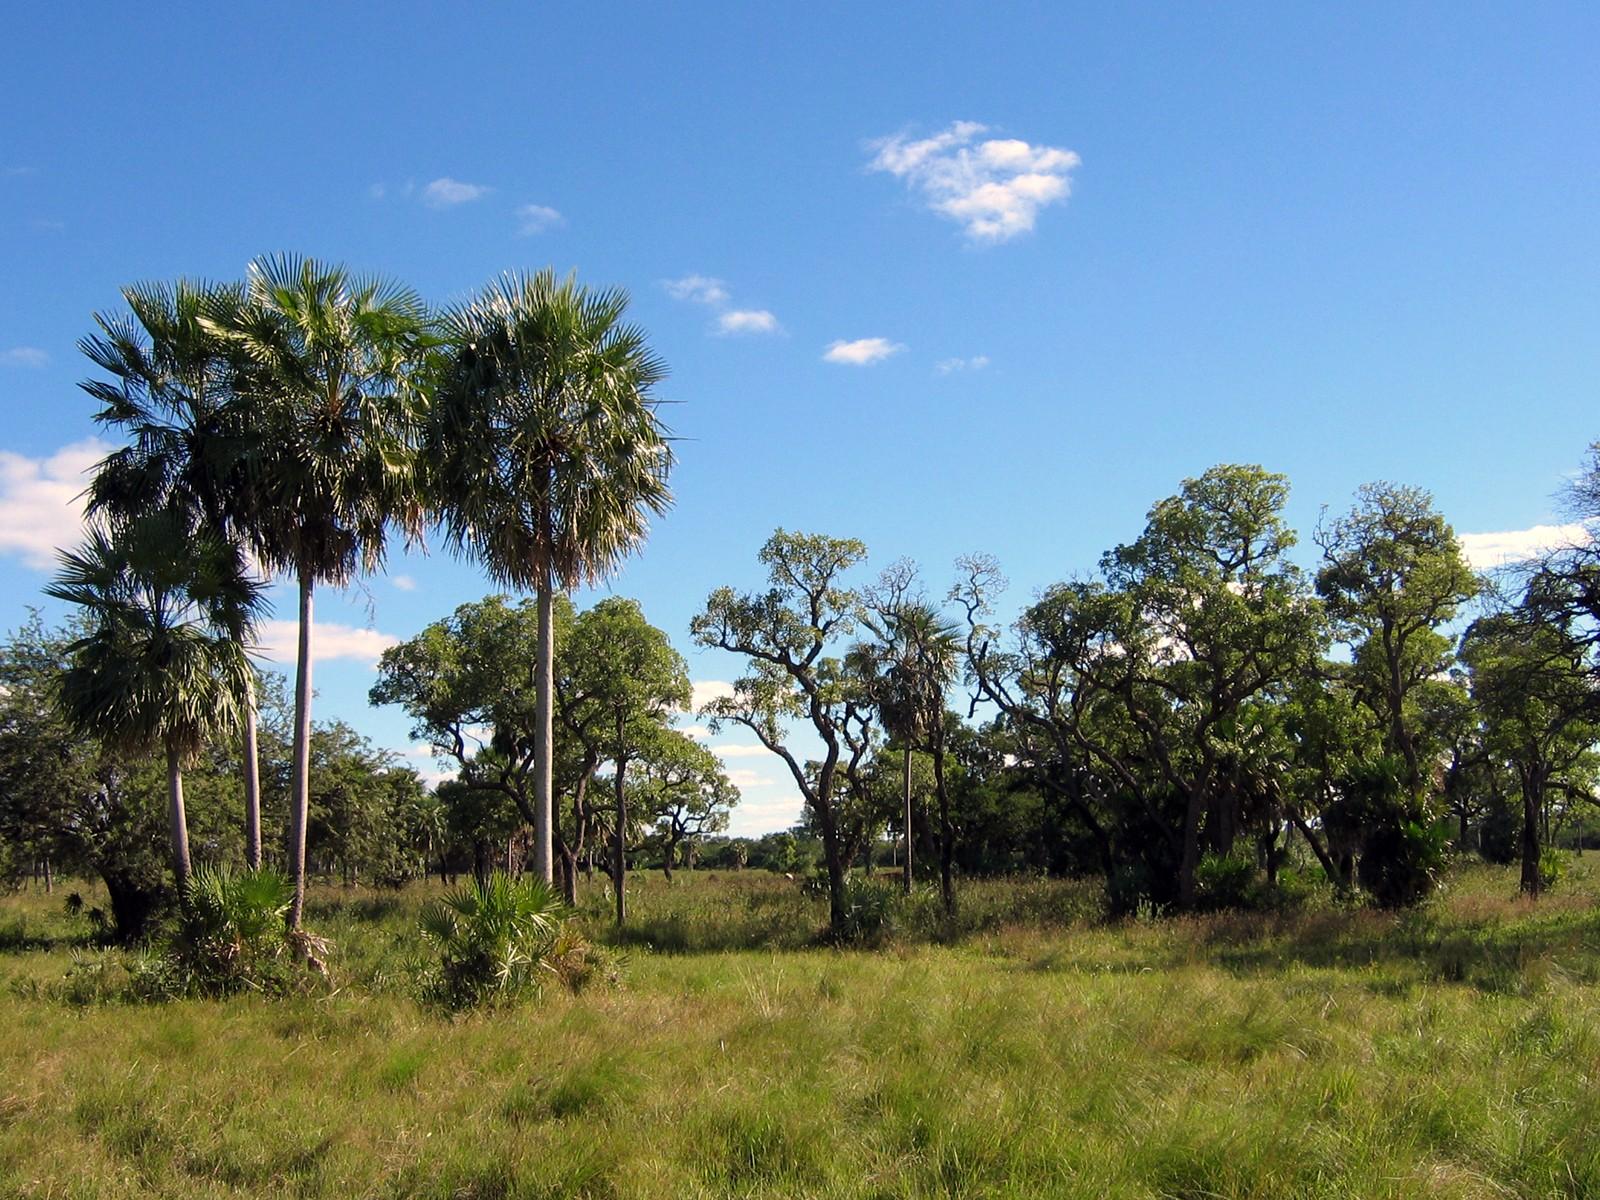 El Chaco - Paraguay